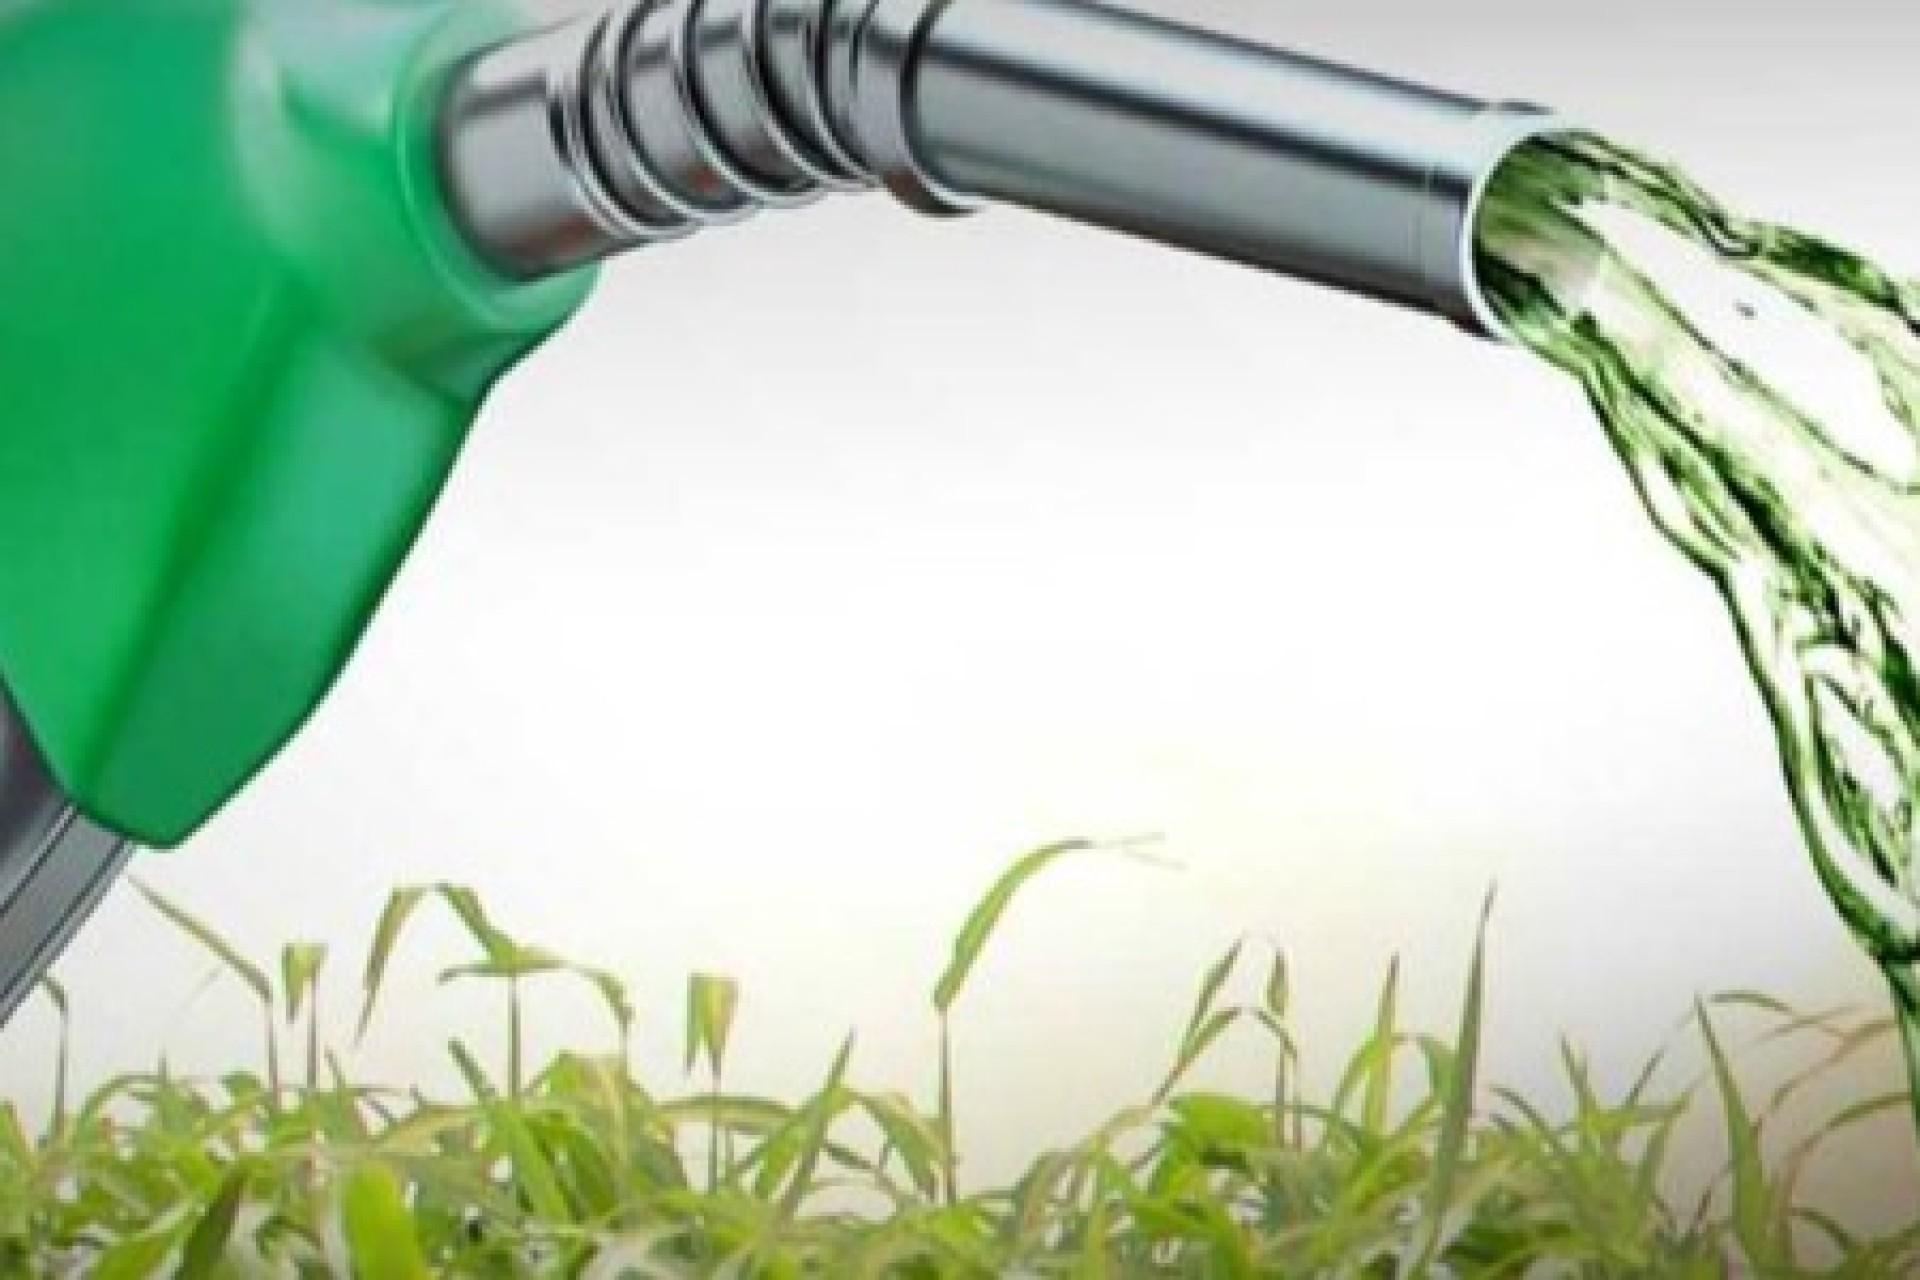 Decreto regulamenta compra e venda direta de etanol em postos de combustíveis